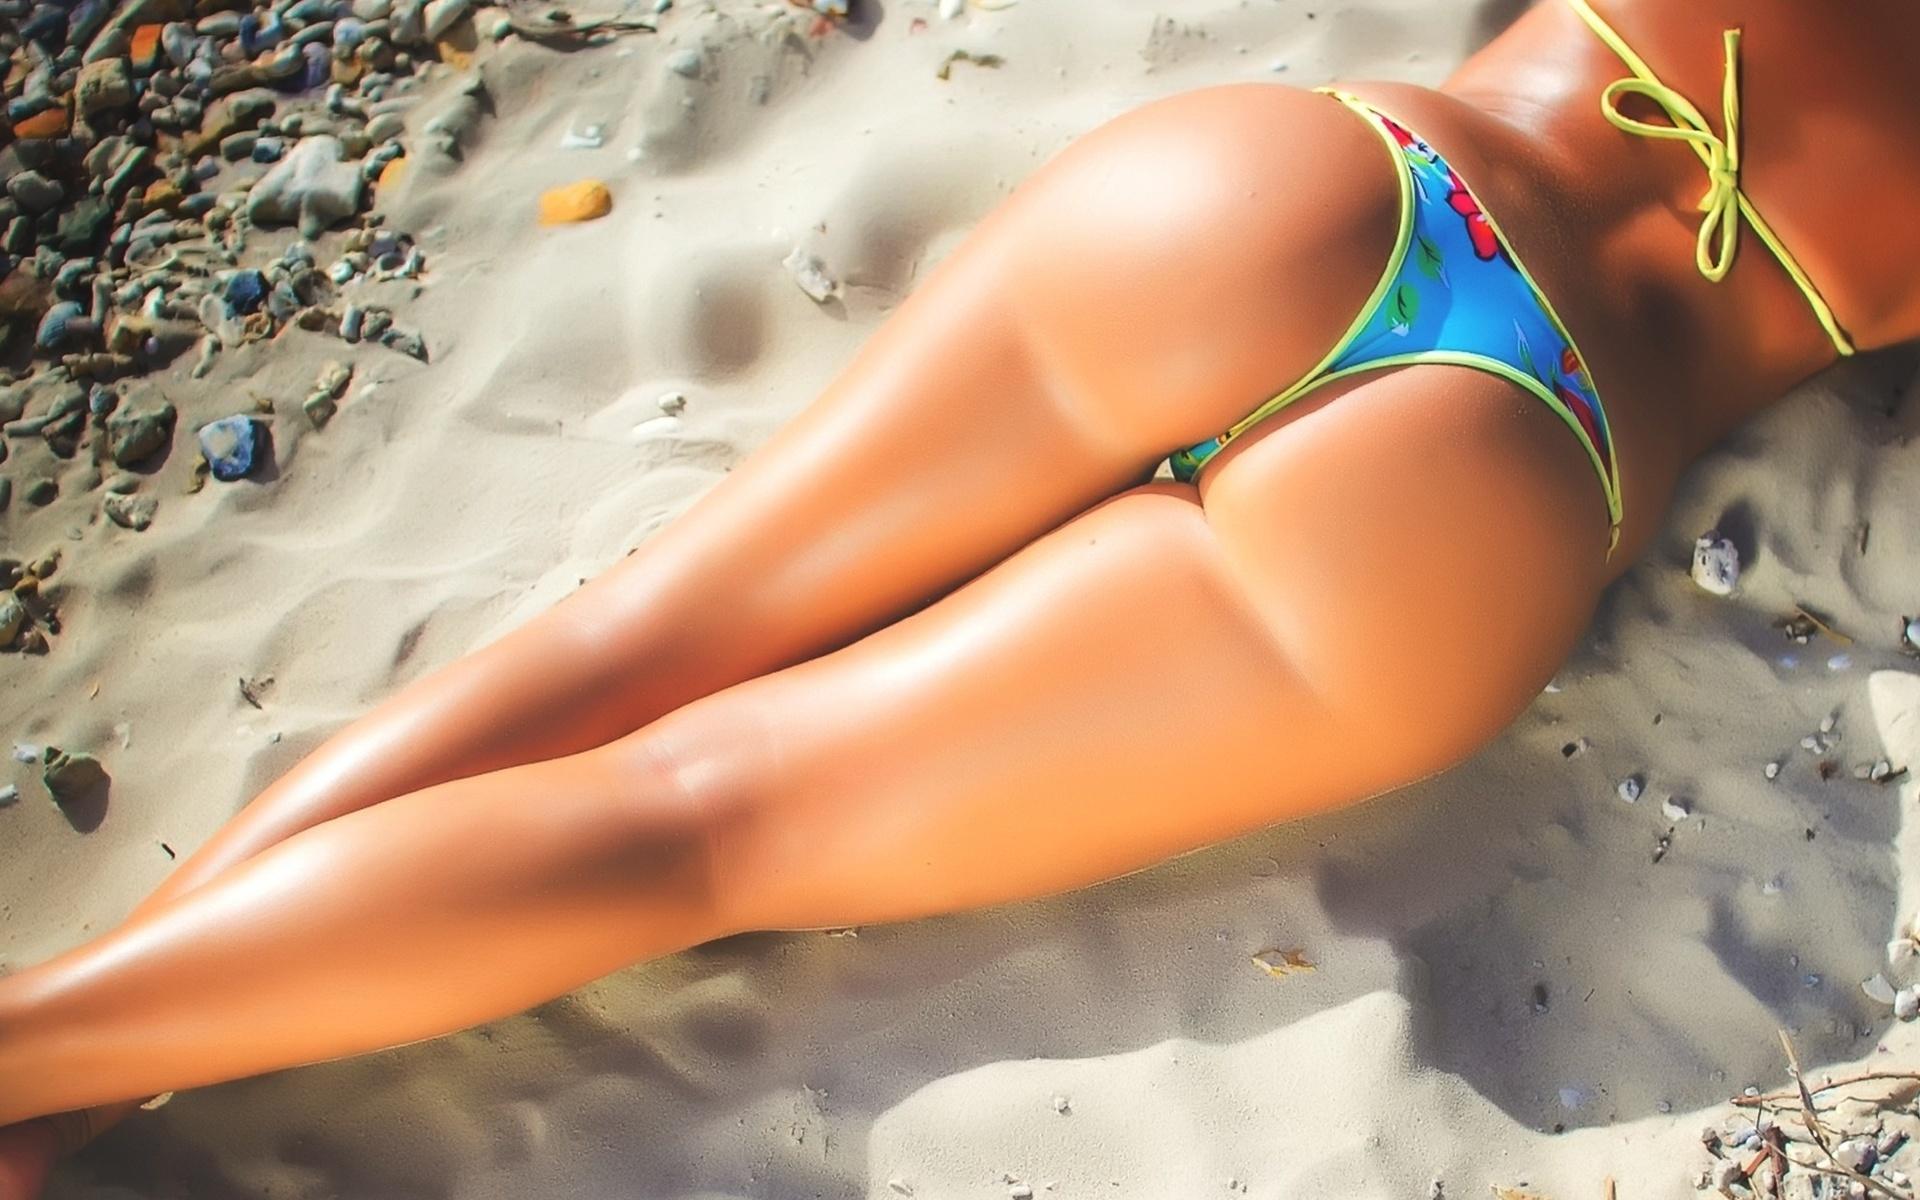 Сексуальные девушки на пляже попки — pic 12